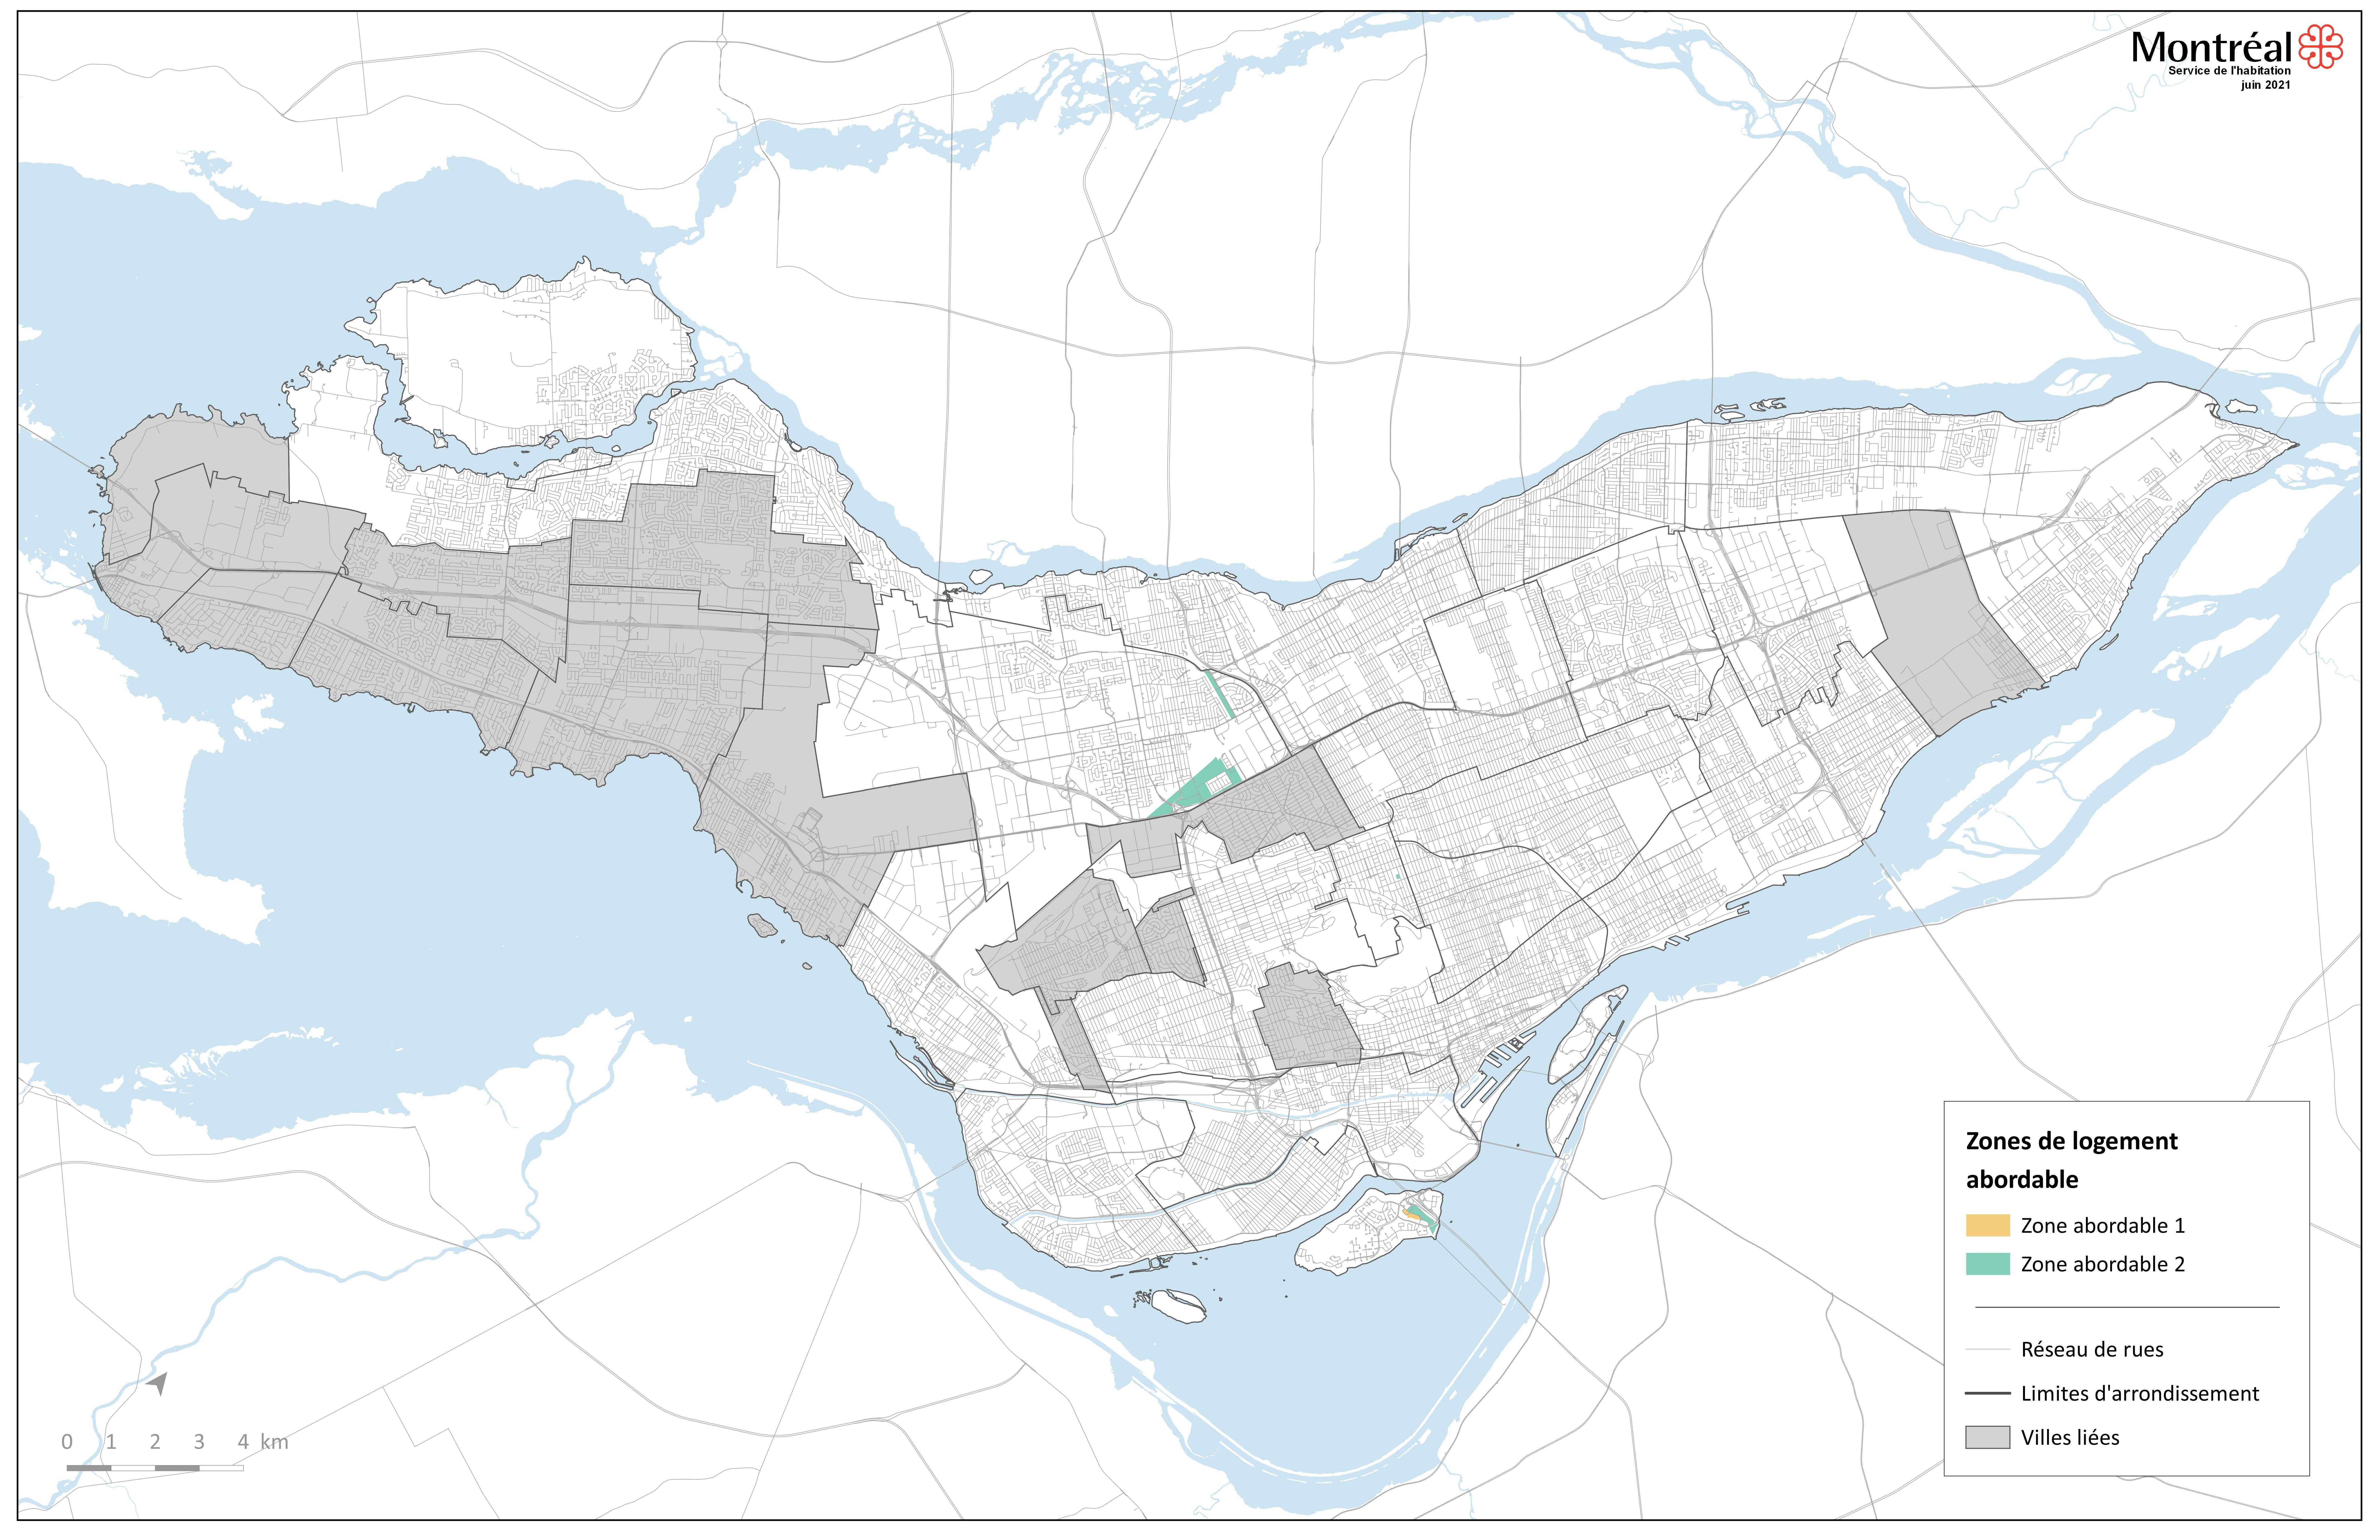 Zones abordables actuelles - Règlement pour une métropole mixte